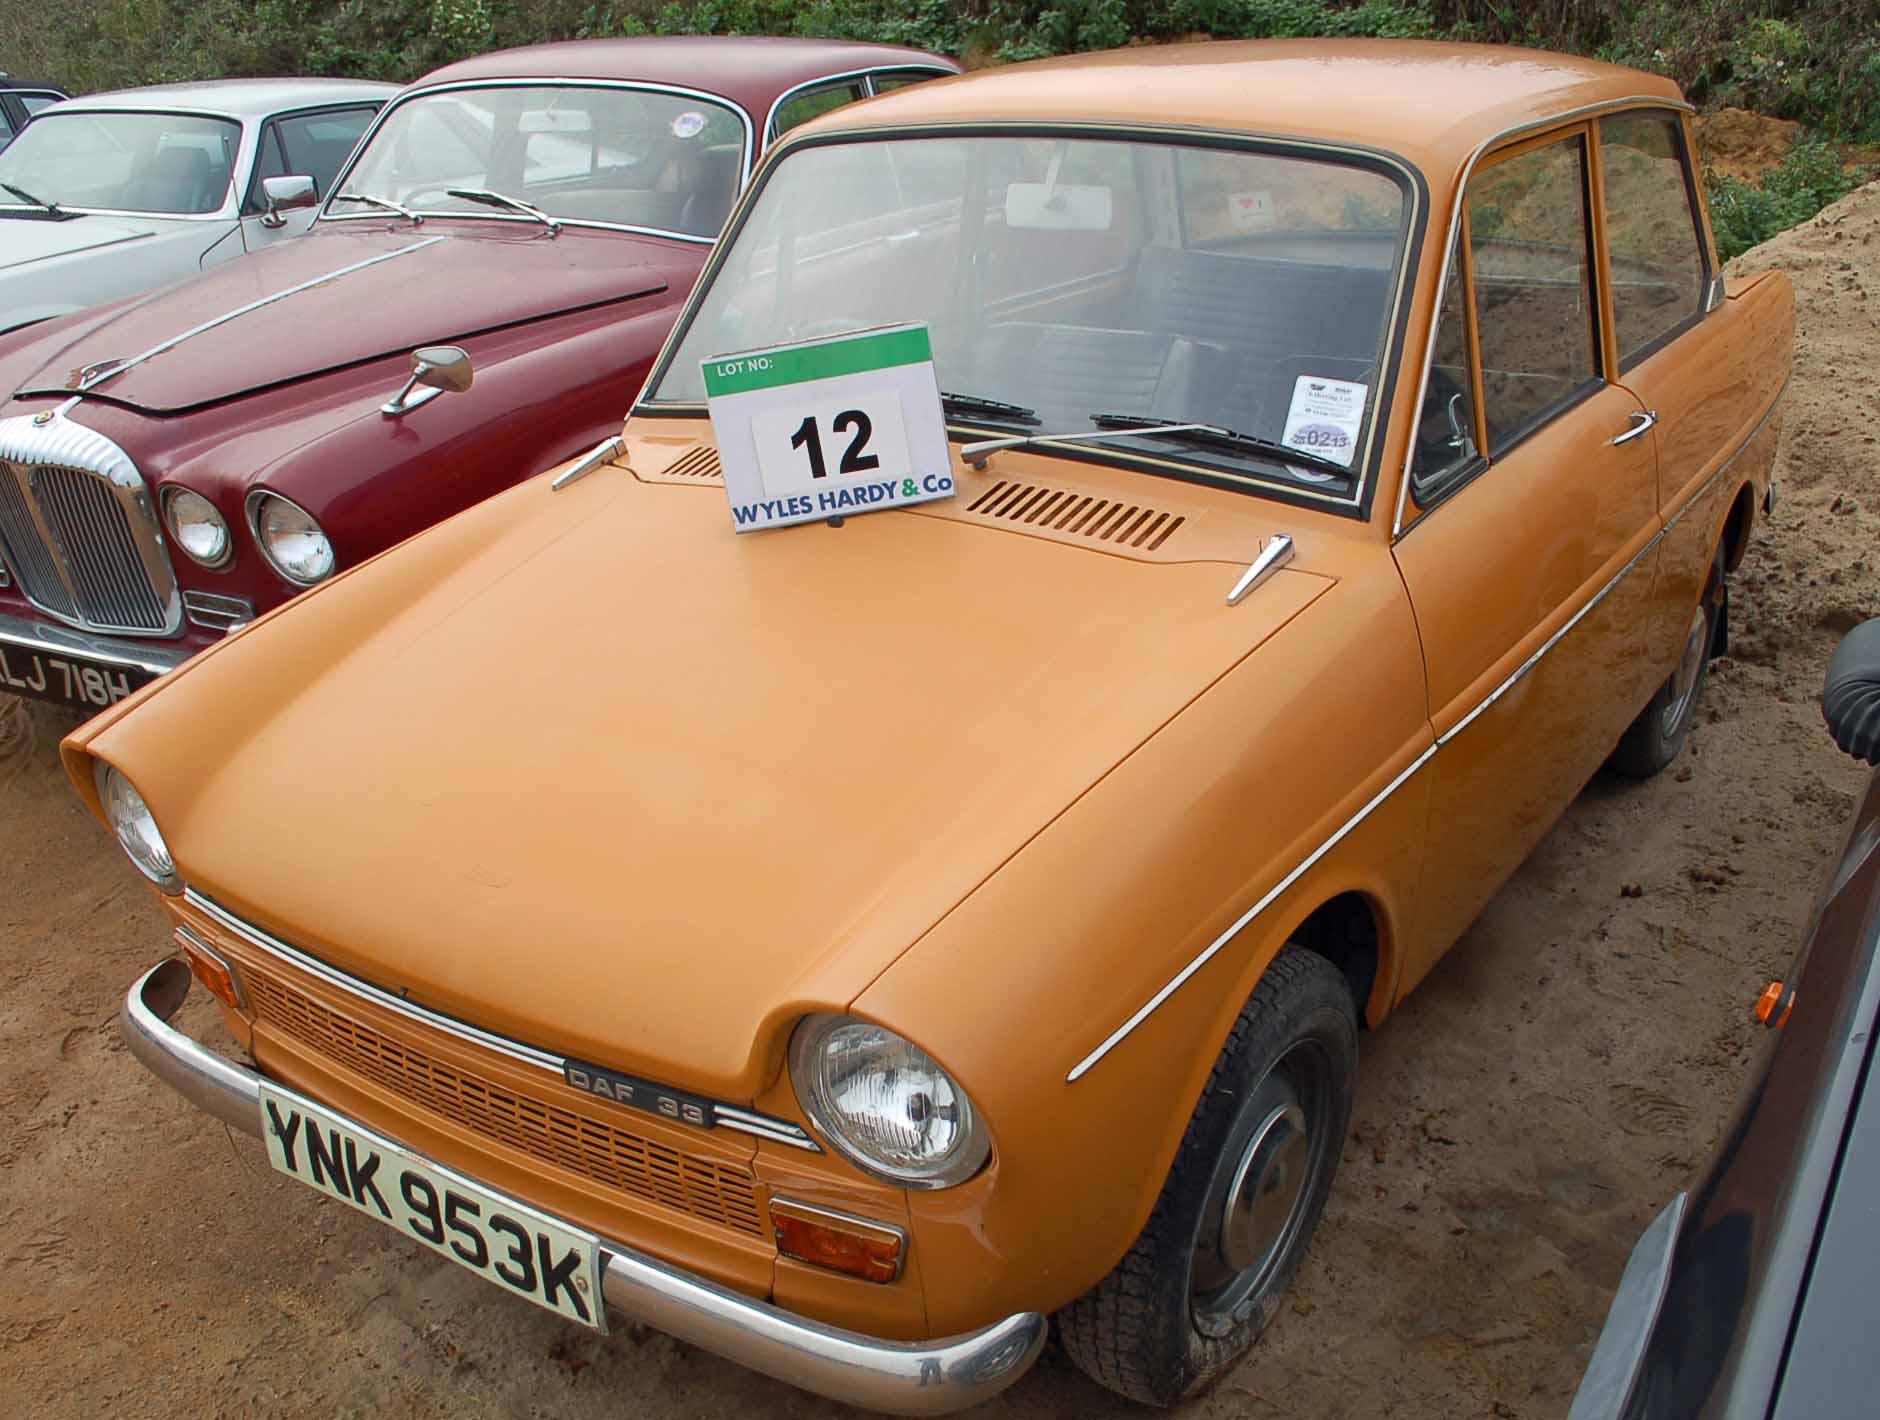 Lot 12 - A DAF 33 750cc Deluxe Hatchback, Registration No. YNK 953K, First Registered: 19/11/1971, Recorded